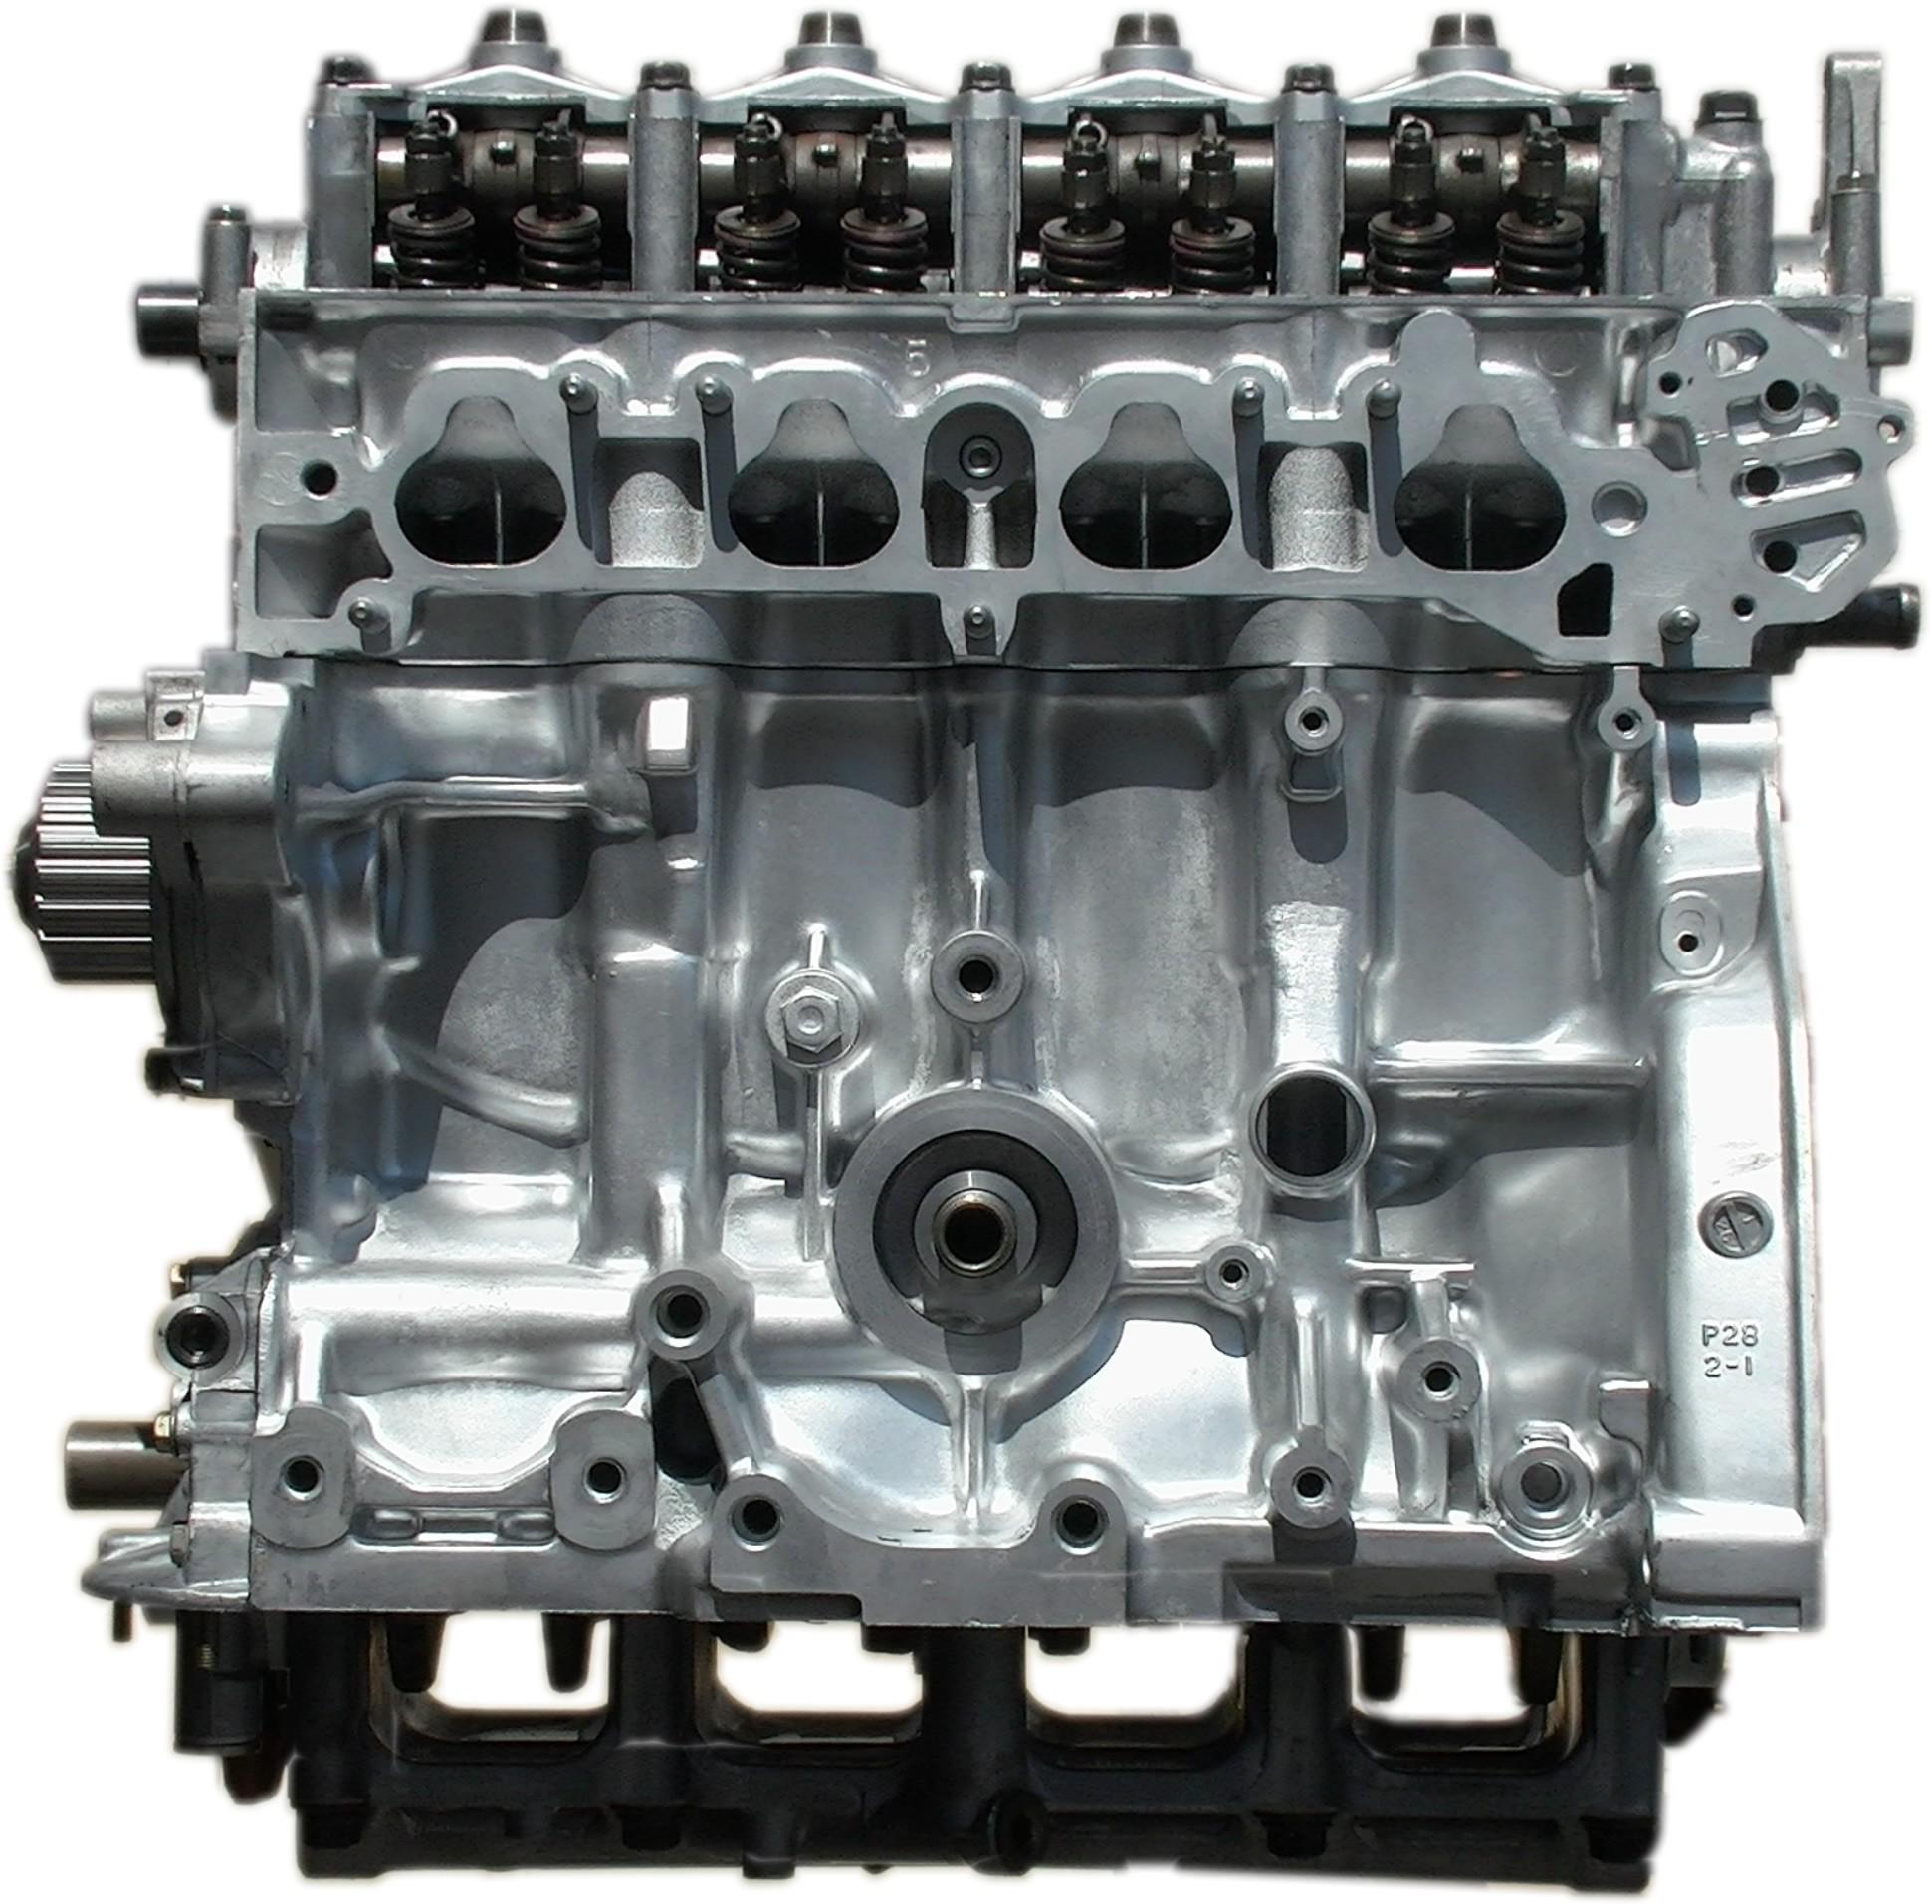 rebuilt 92 95 honda civic 1 6l 4cyl vtec sohc d16z6 engine. Black Bedroom Furniture Sets. Home Design Ideas